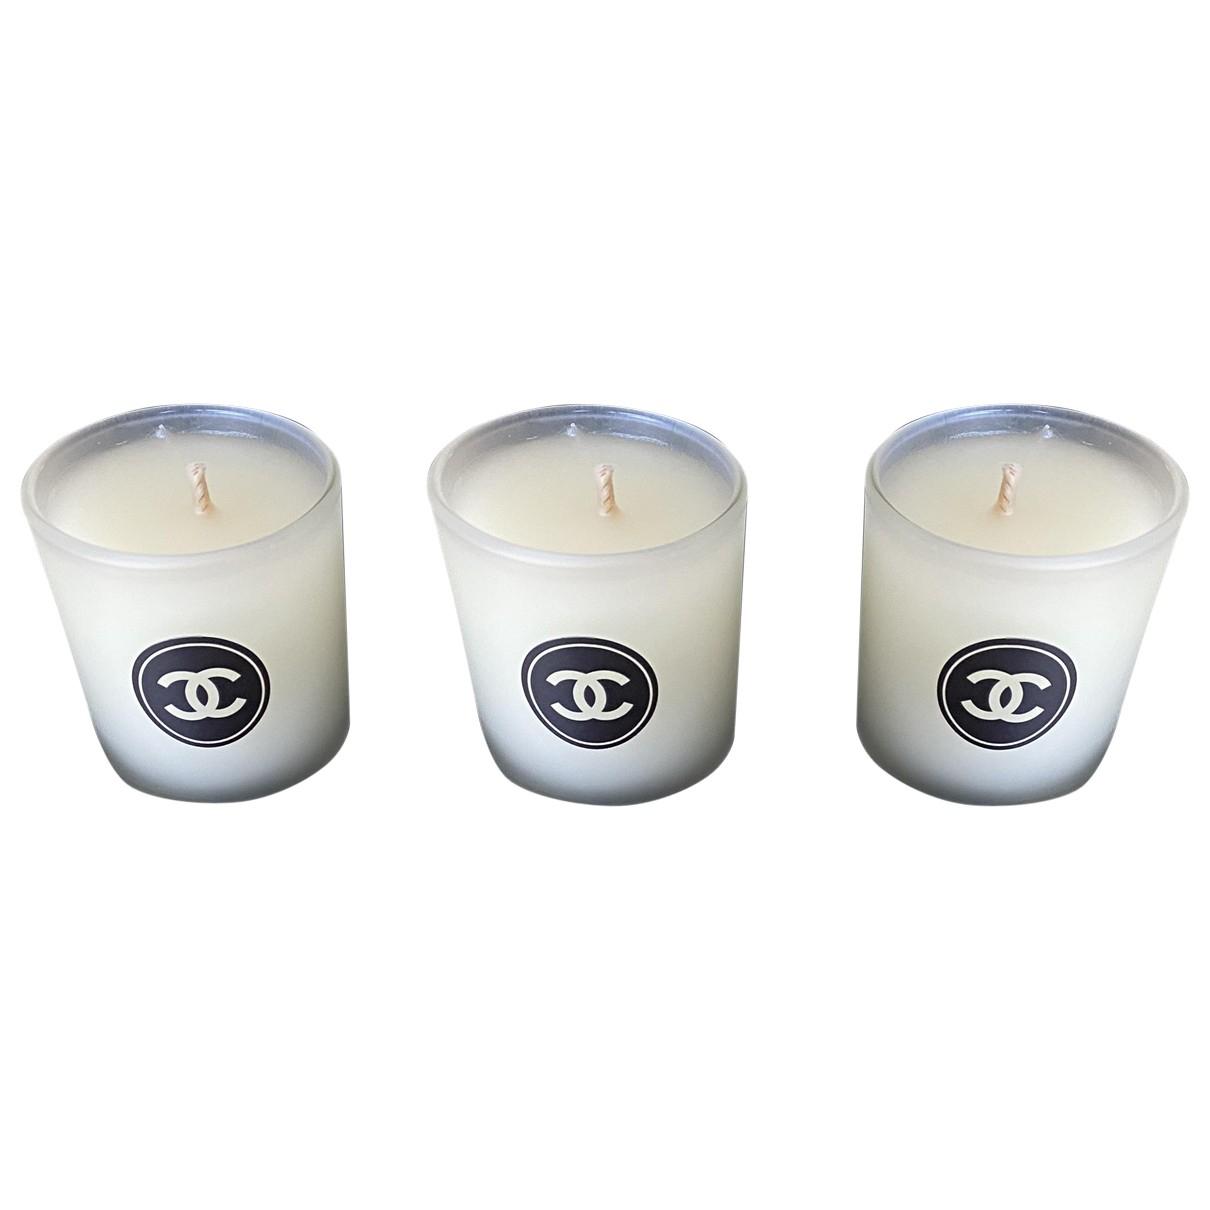 Chanel \N Accessoires und Dekoration in  Ecru Glas